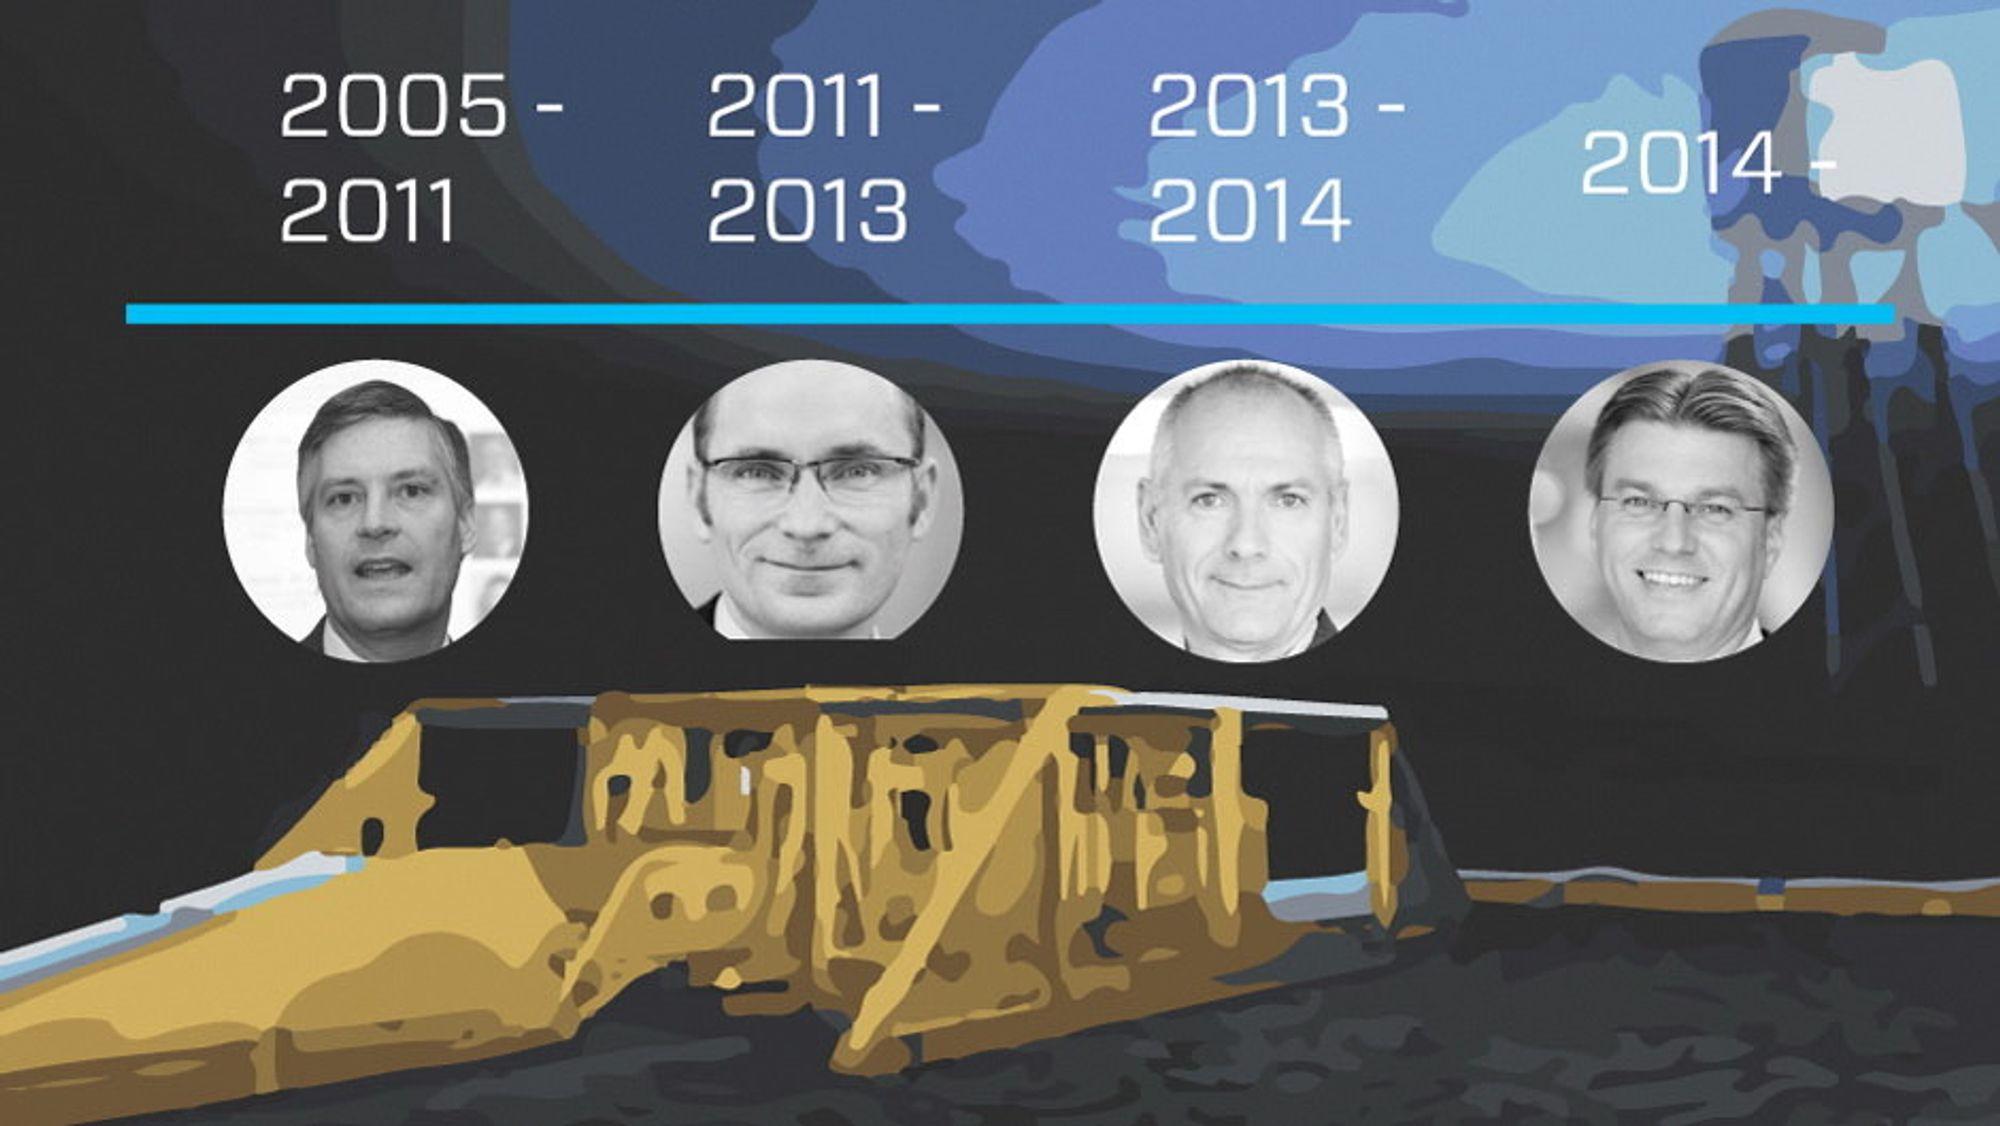 Siden oppstarten i 2005 har Noreco hatt fire administrerende direktører. Fra venstre: Scott Kerr, Einar Gjelsvik, Svein Arild Killingland og Tommy Sundt.  Foto: Noreco, Dong Energy og Teknisk Ukeblad (montasje)